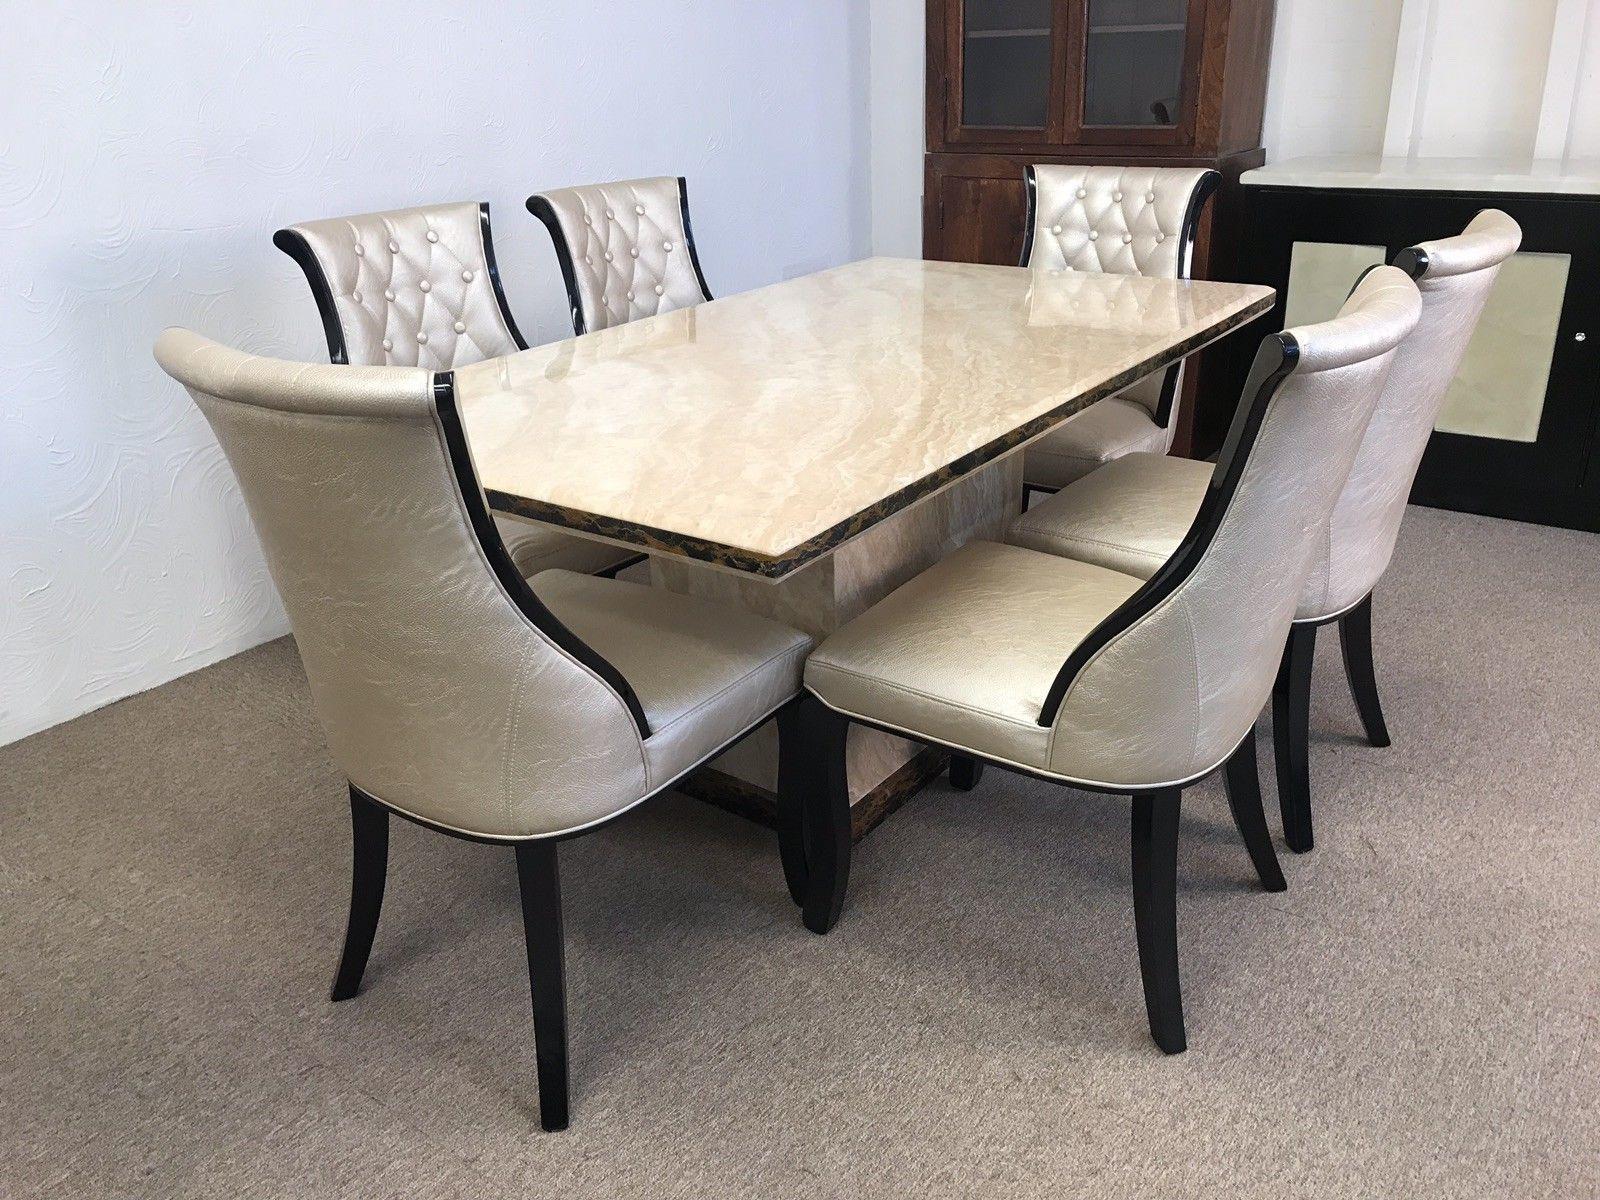 meja makan mewah dengan 6 kursi silver yang glamor